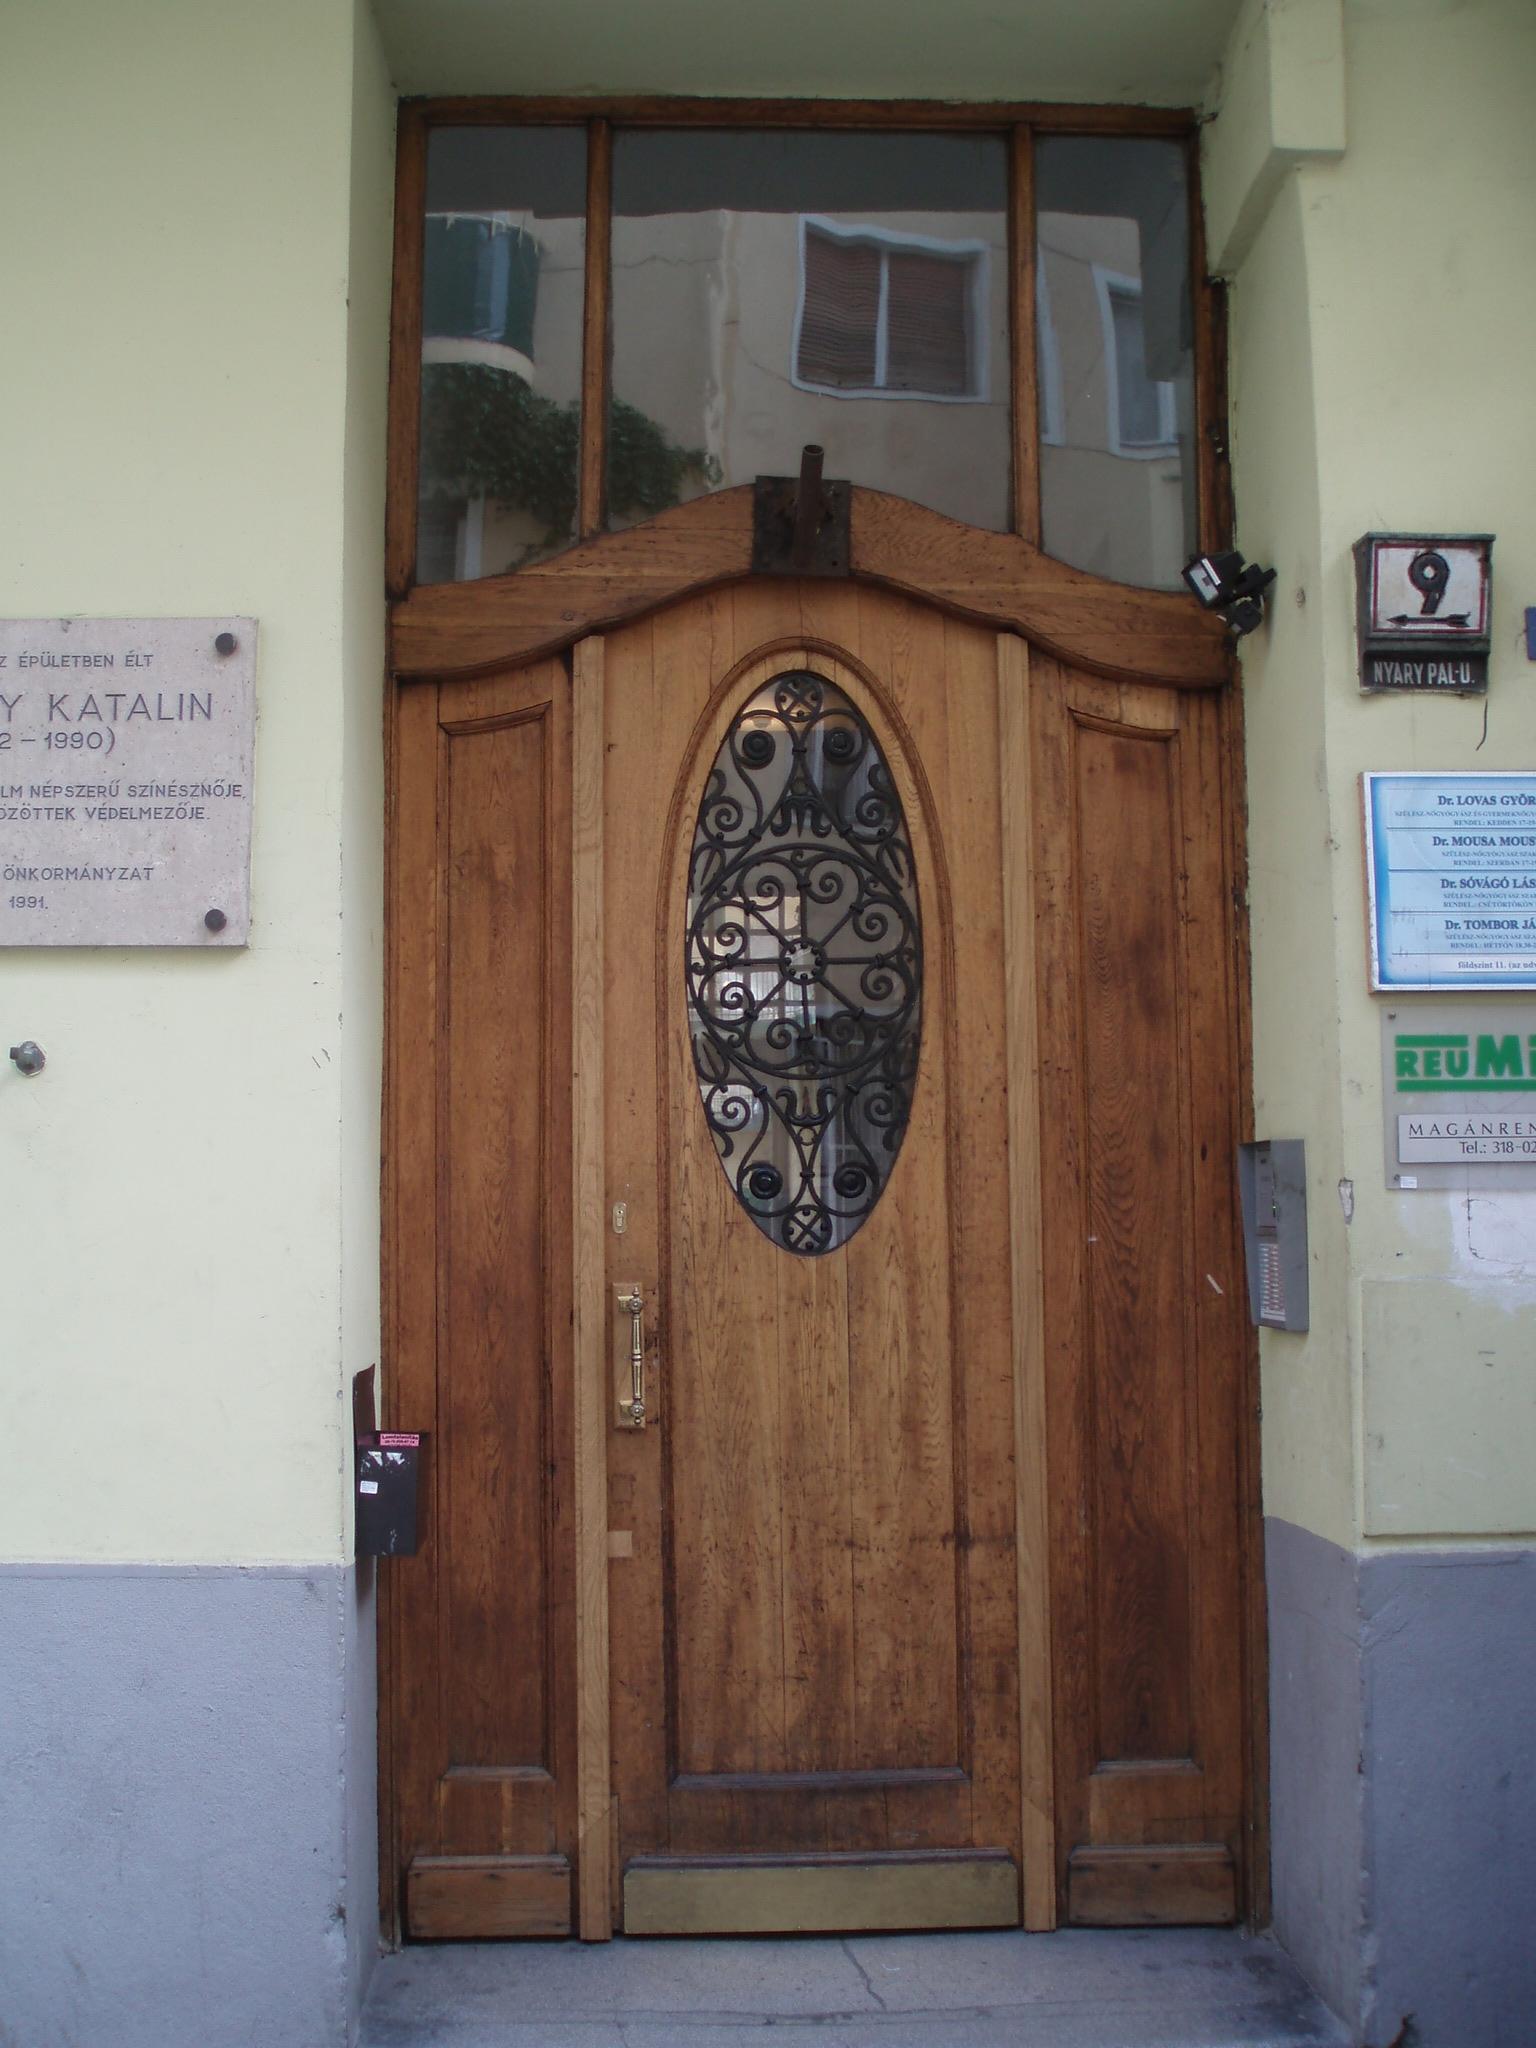 District 5, Nyáry Pál utca 9